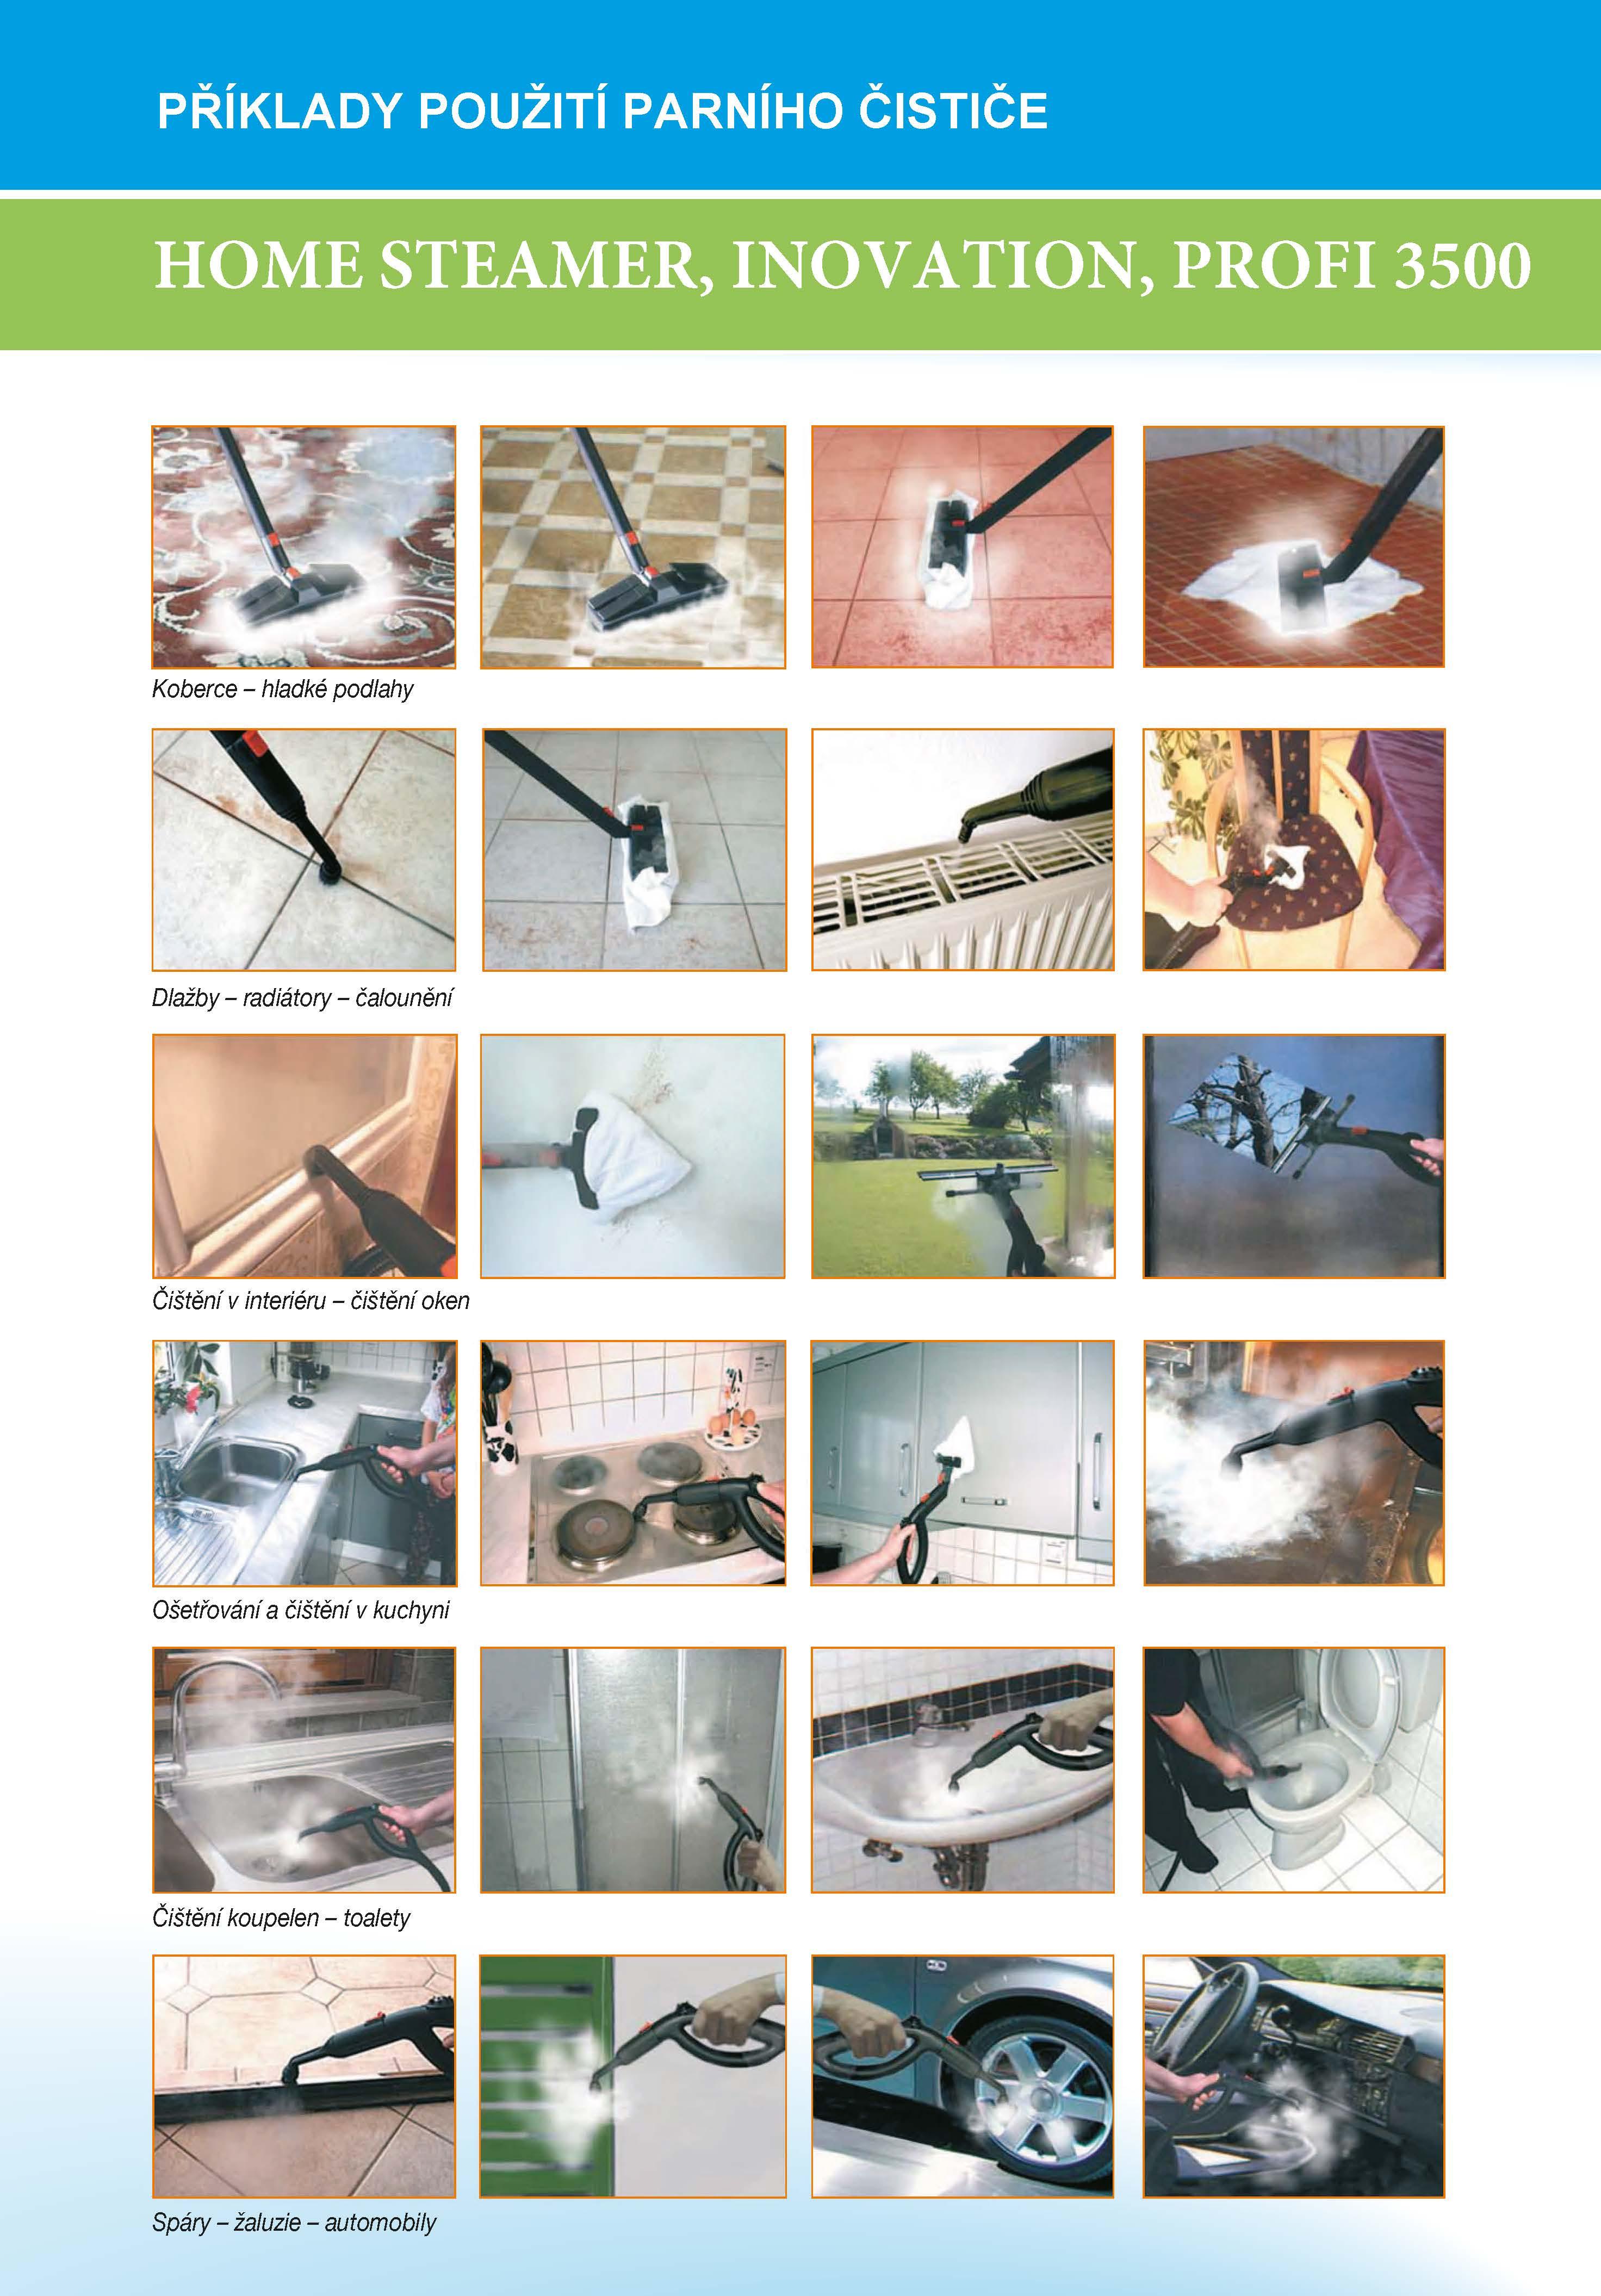 Příklady použití parního čističe Homesteamer Inovation Profi 3500 (3)